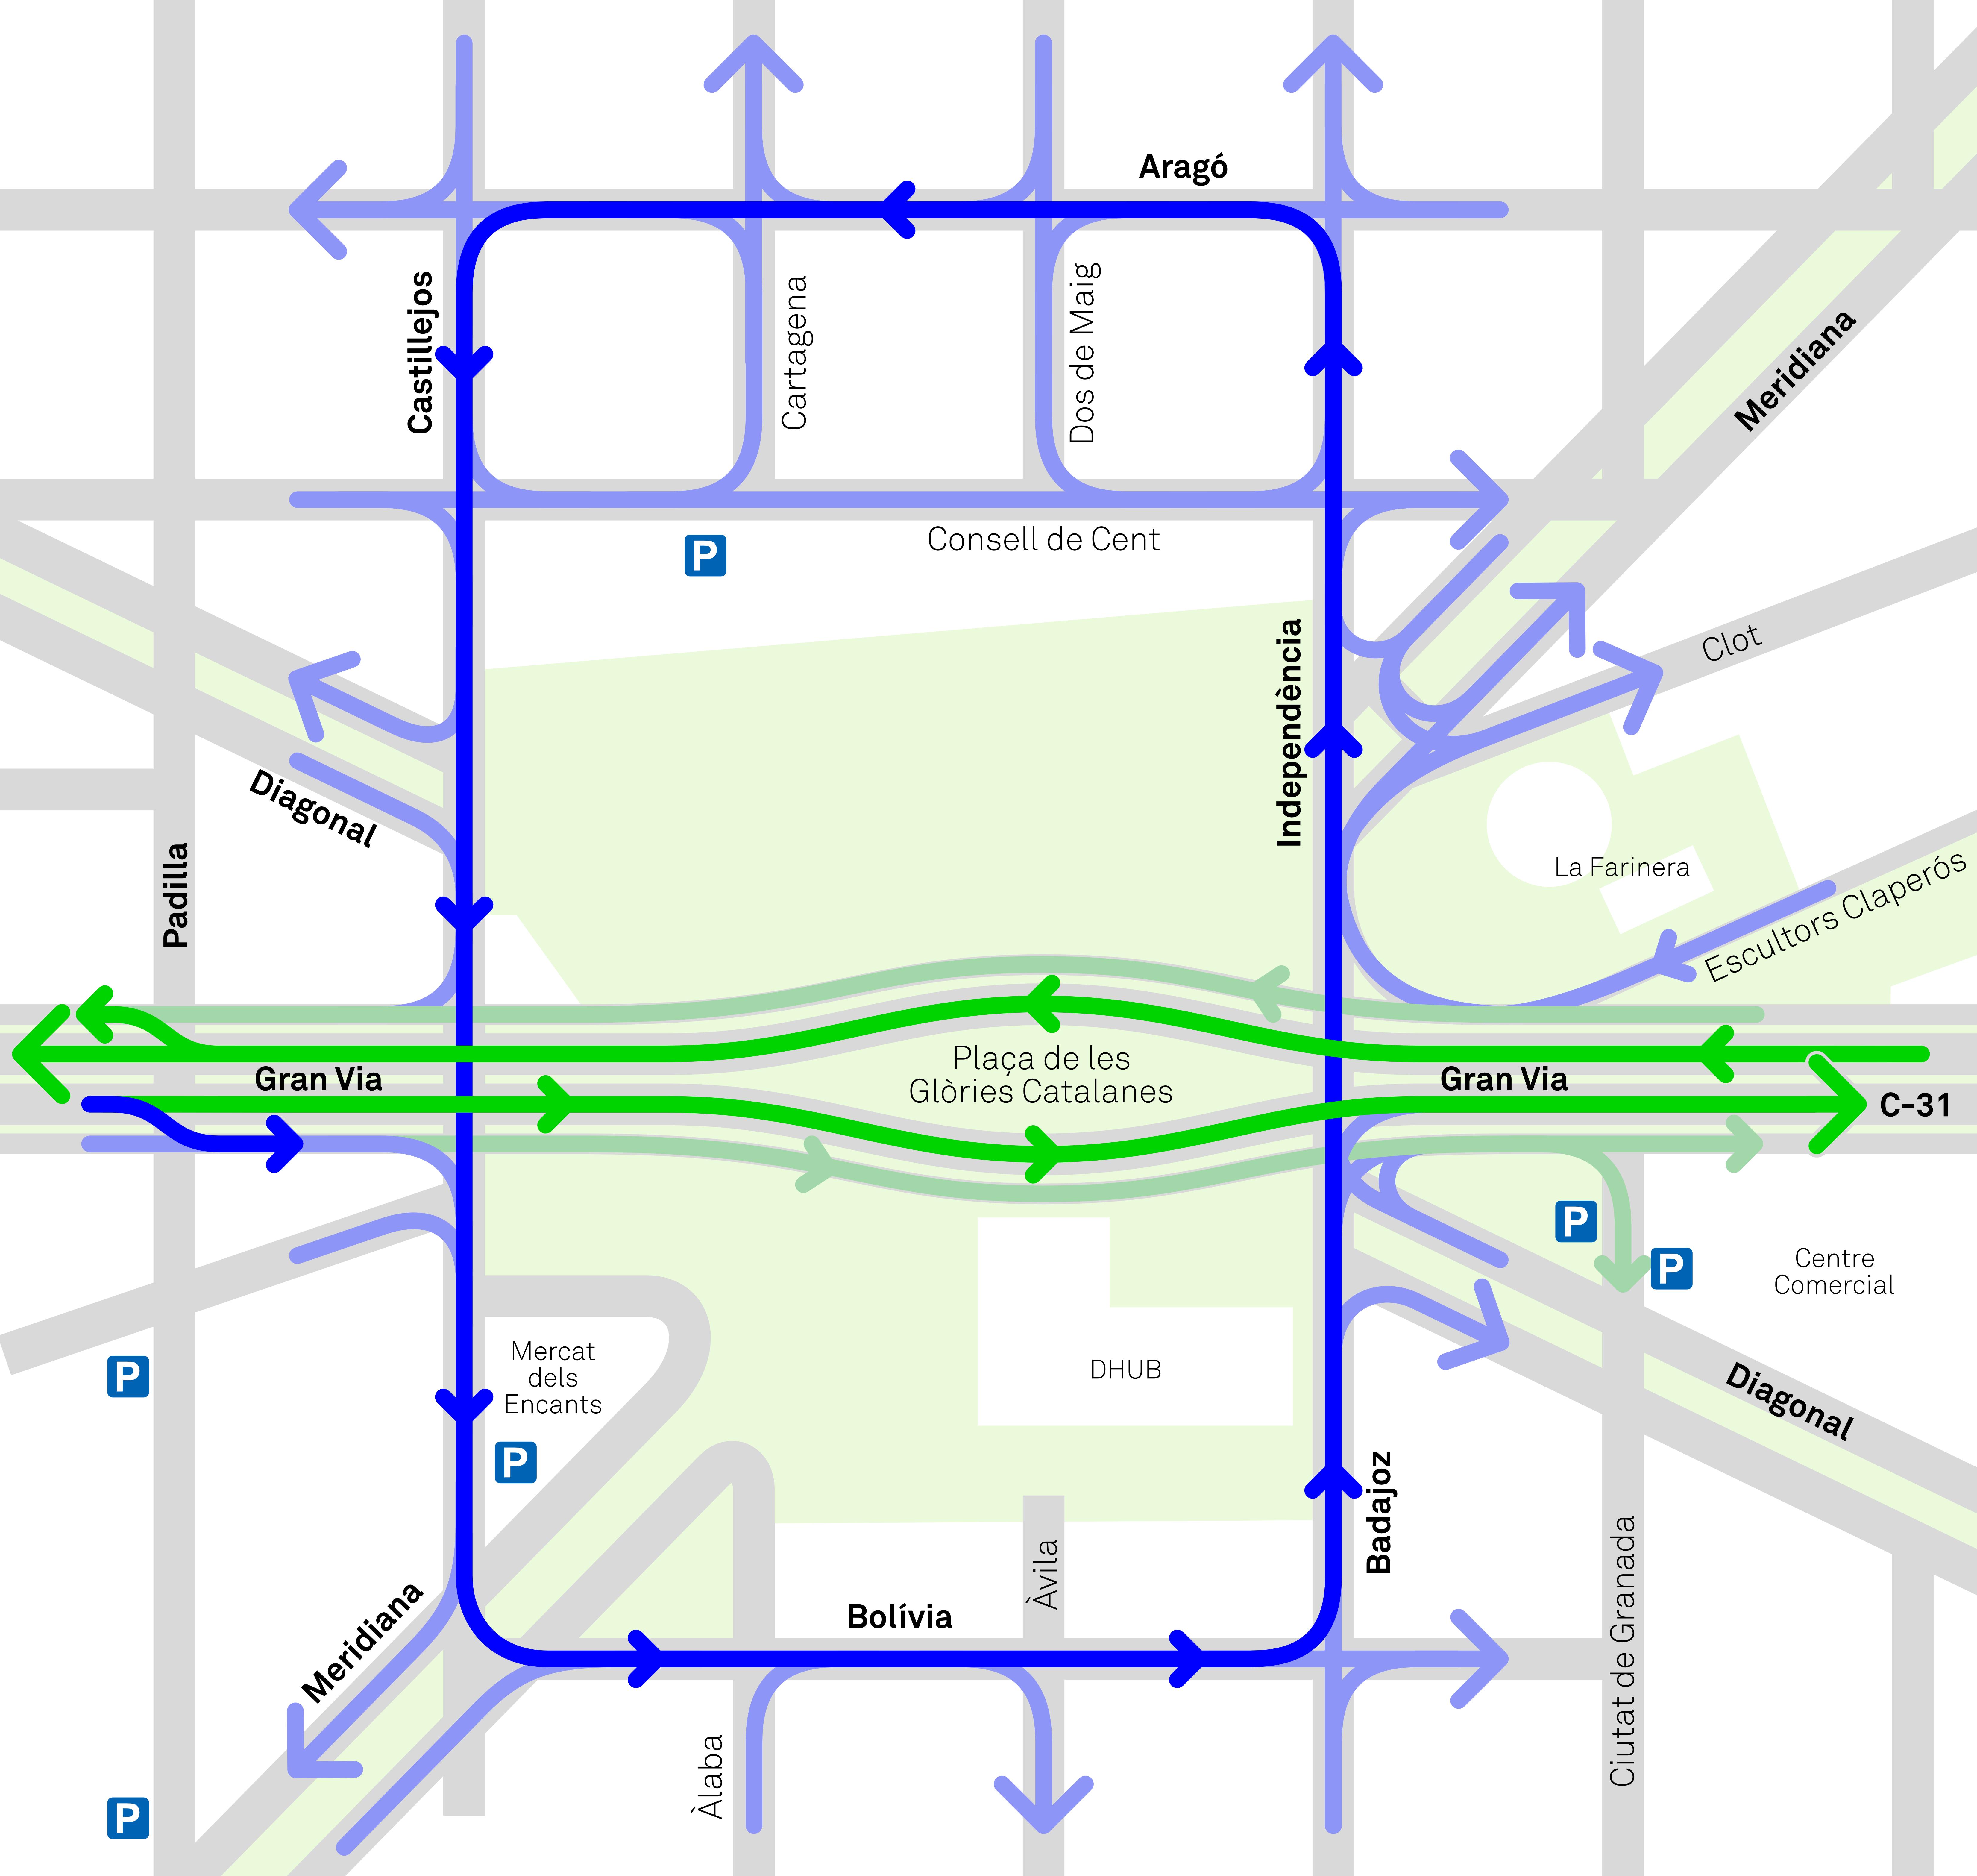 Mapa de movilidad de vehículos